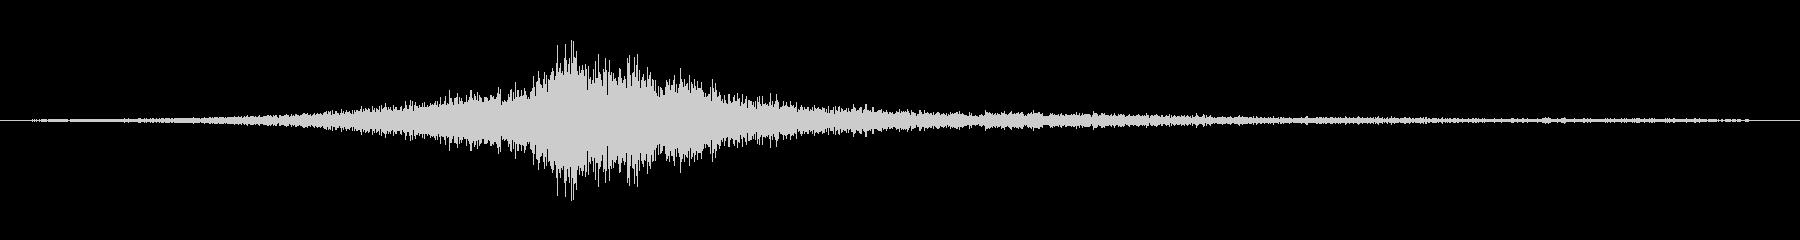 1978シェビーヴァン:ドライブバ...の未再生の波形